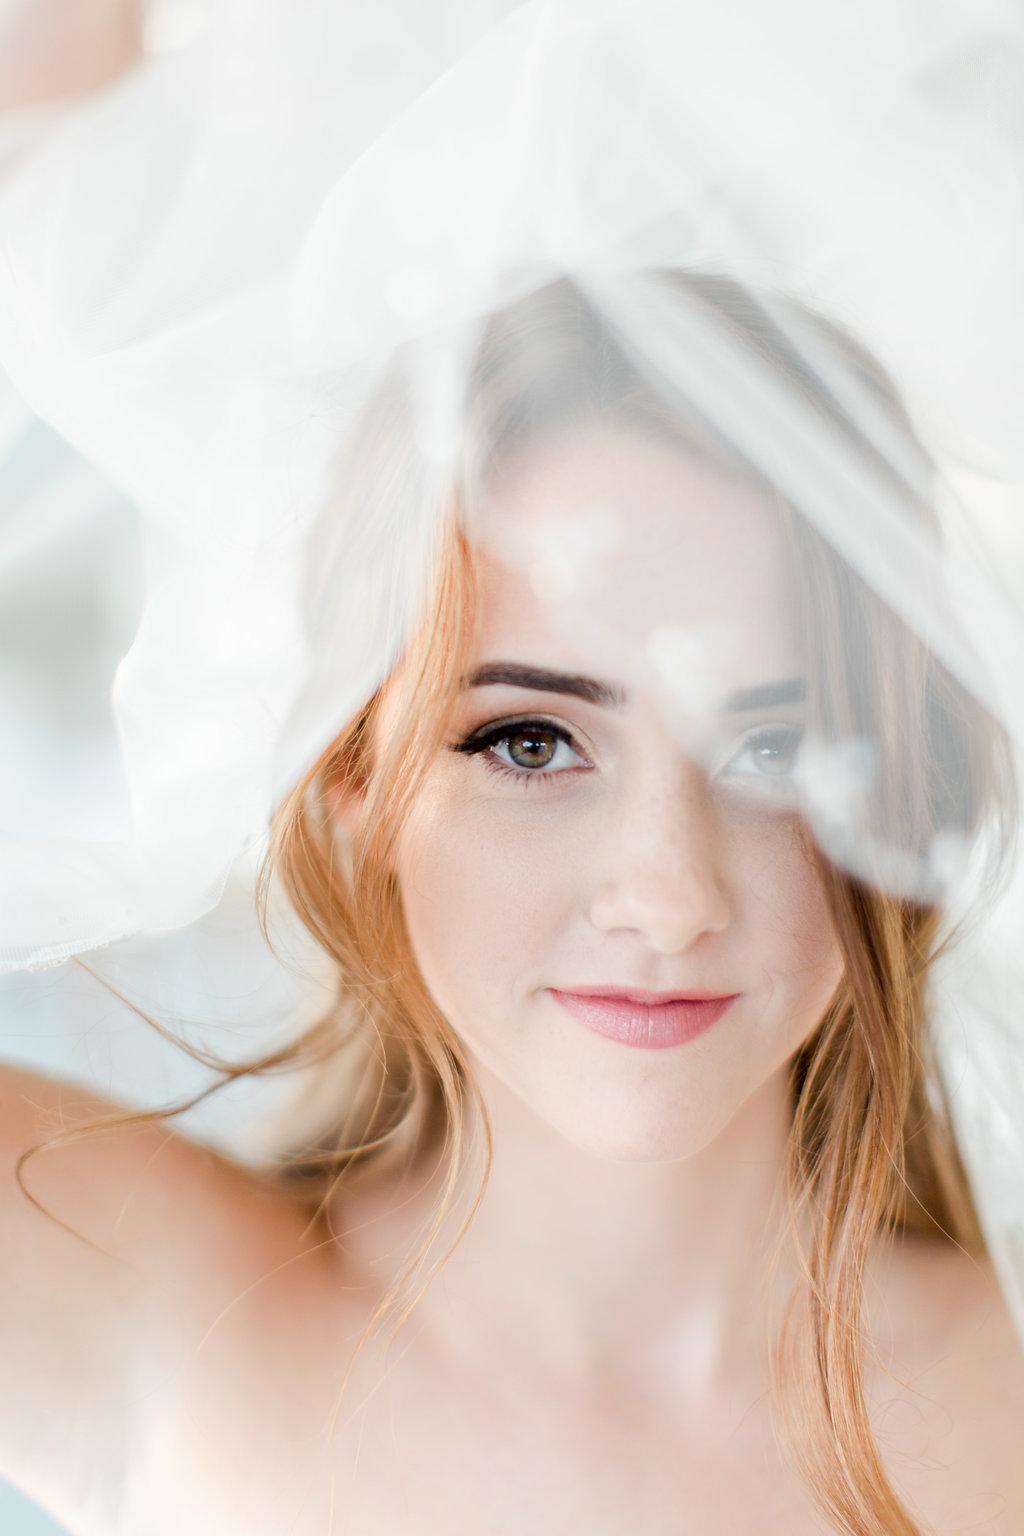 AngelicaMariePhotography_TheGrandIvoryWedding_DallasWeddingPhotographer_227.JPG